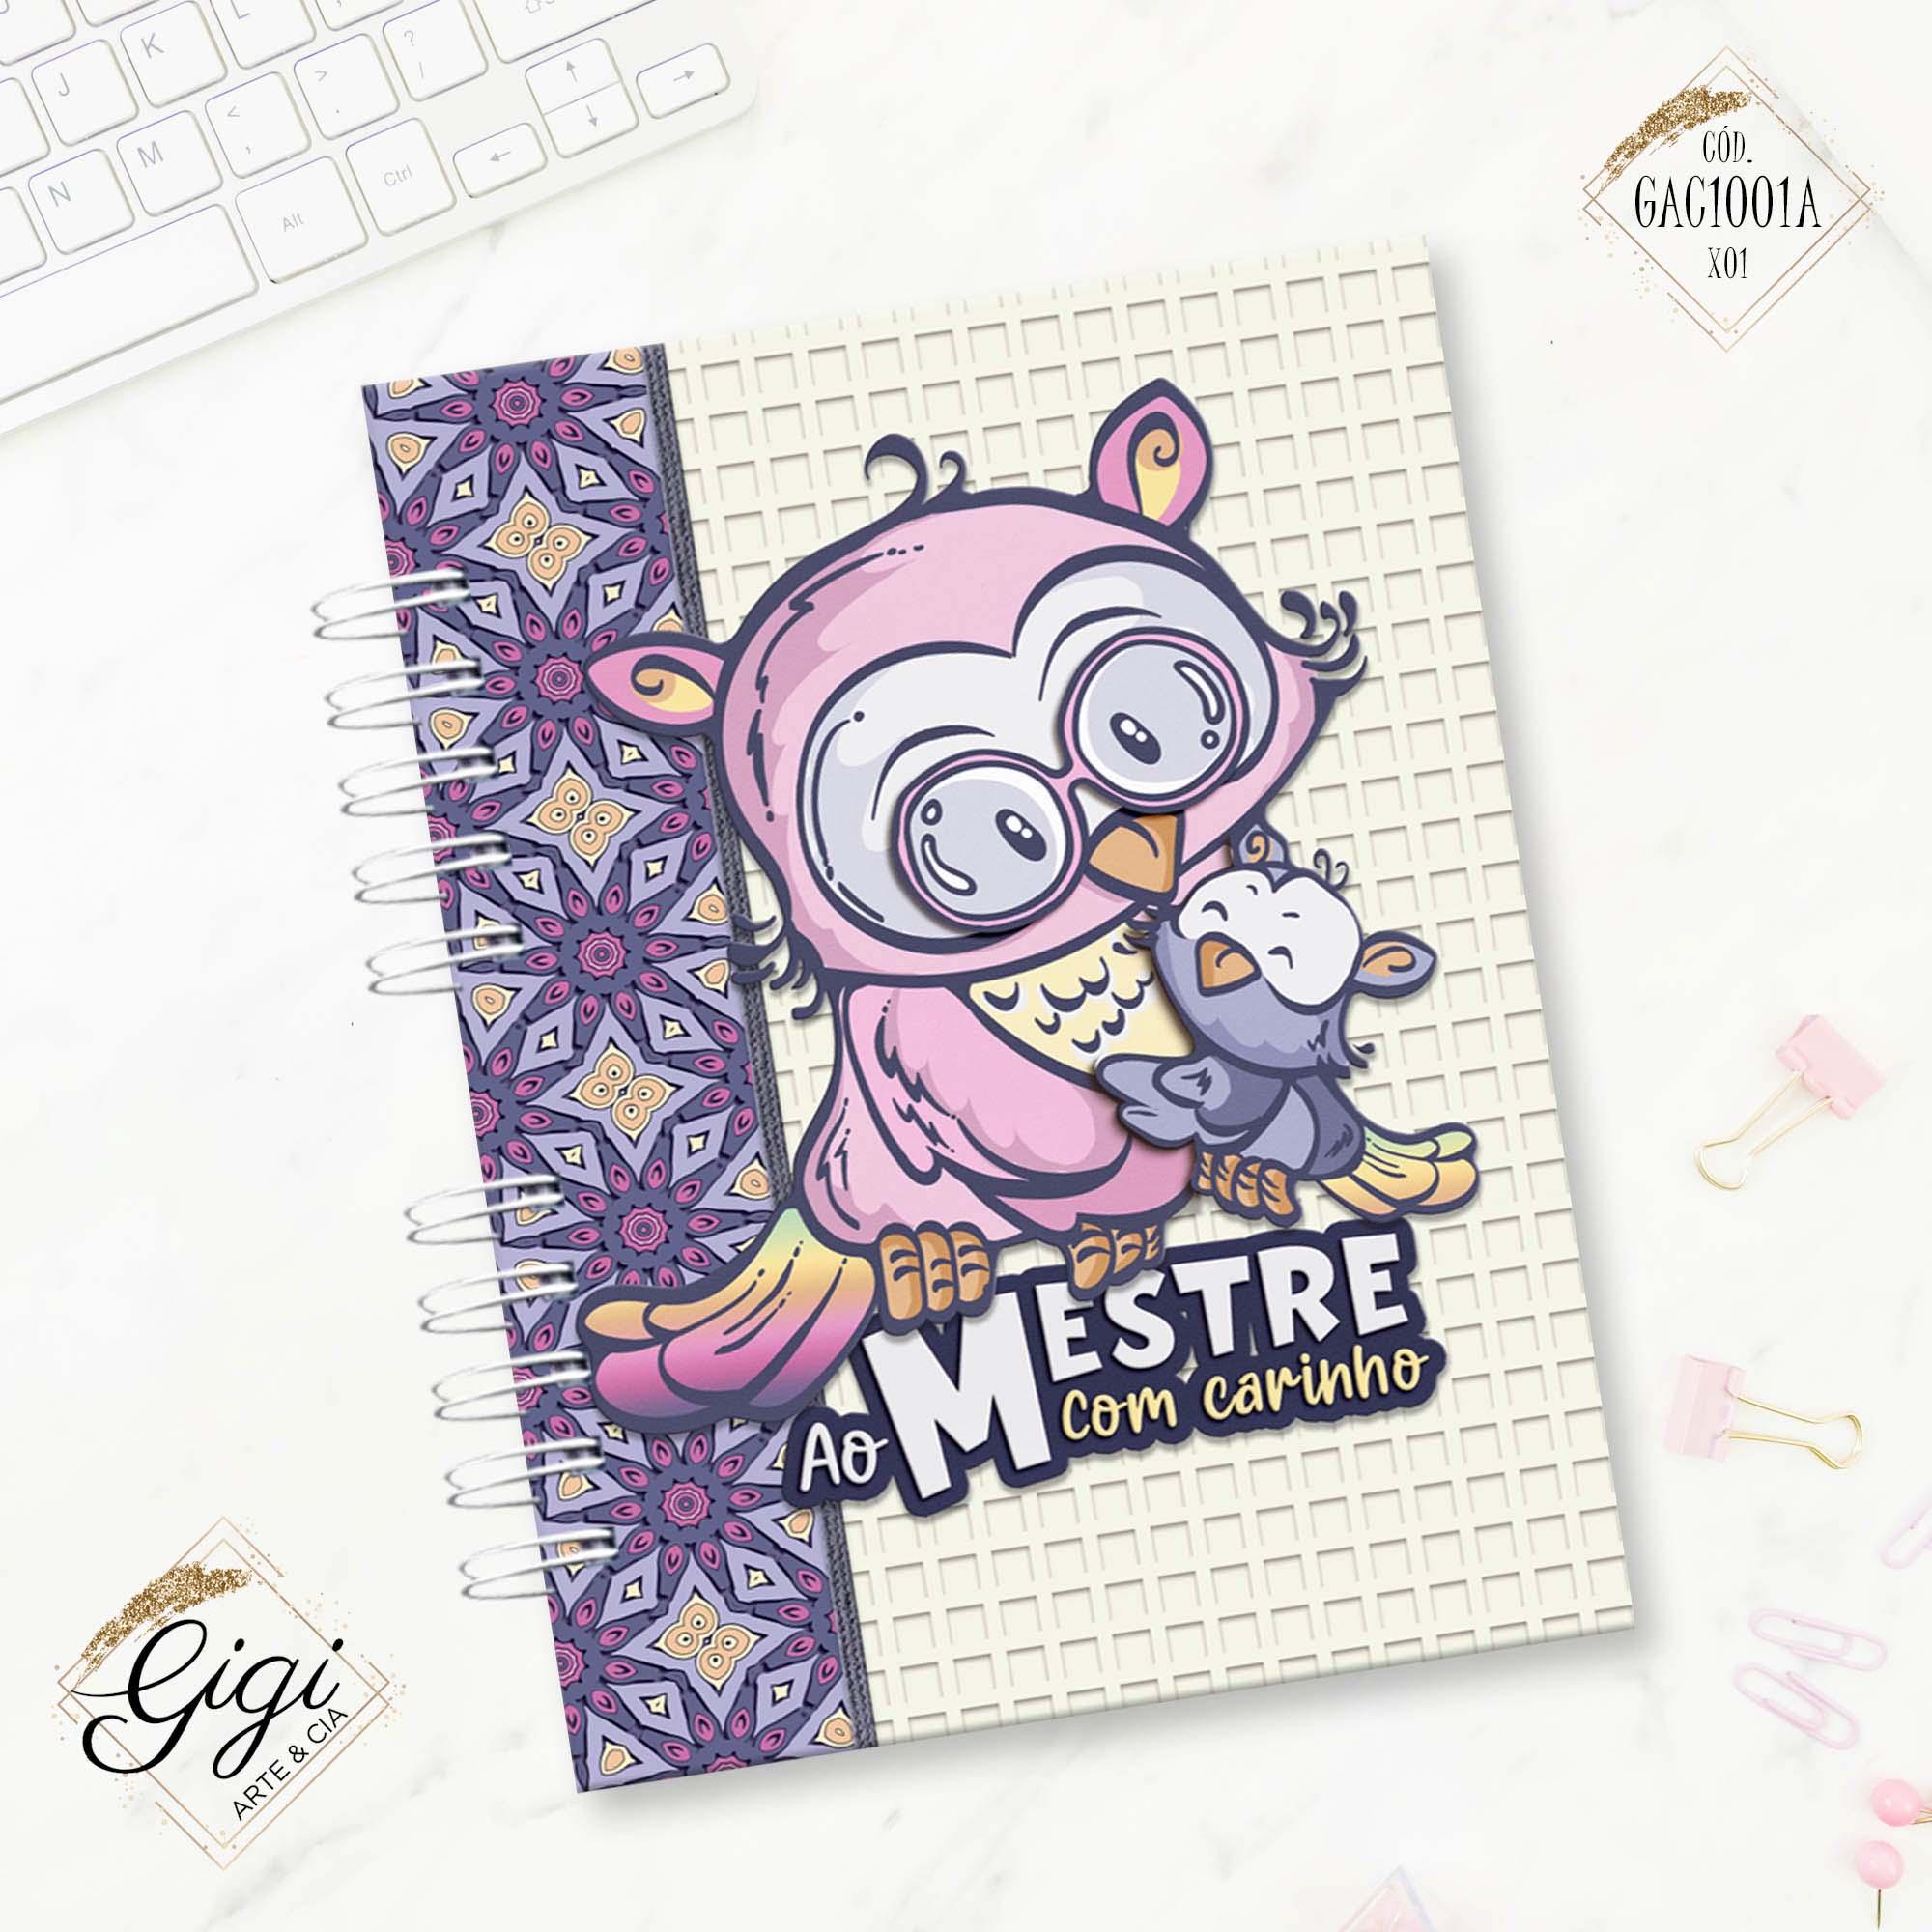 Agenda Permanente A5 - Ao Mestre com Carinho  - Gigi Arte e Cia